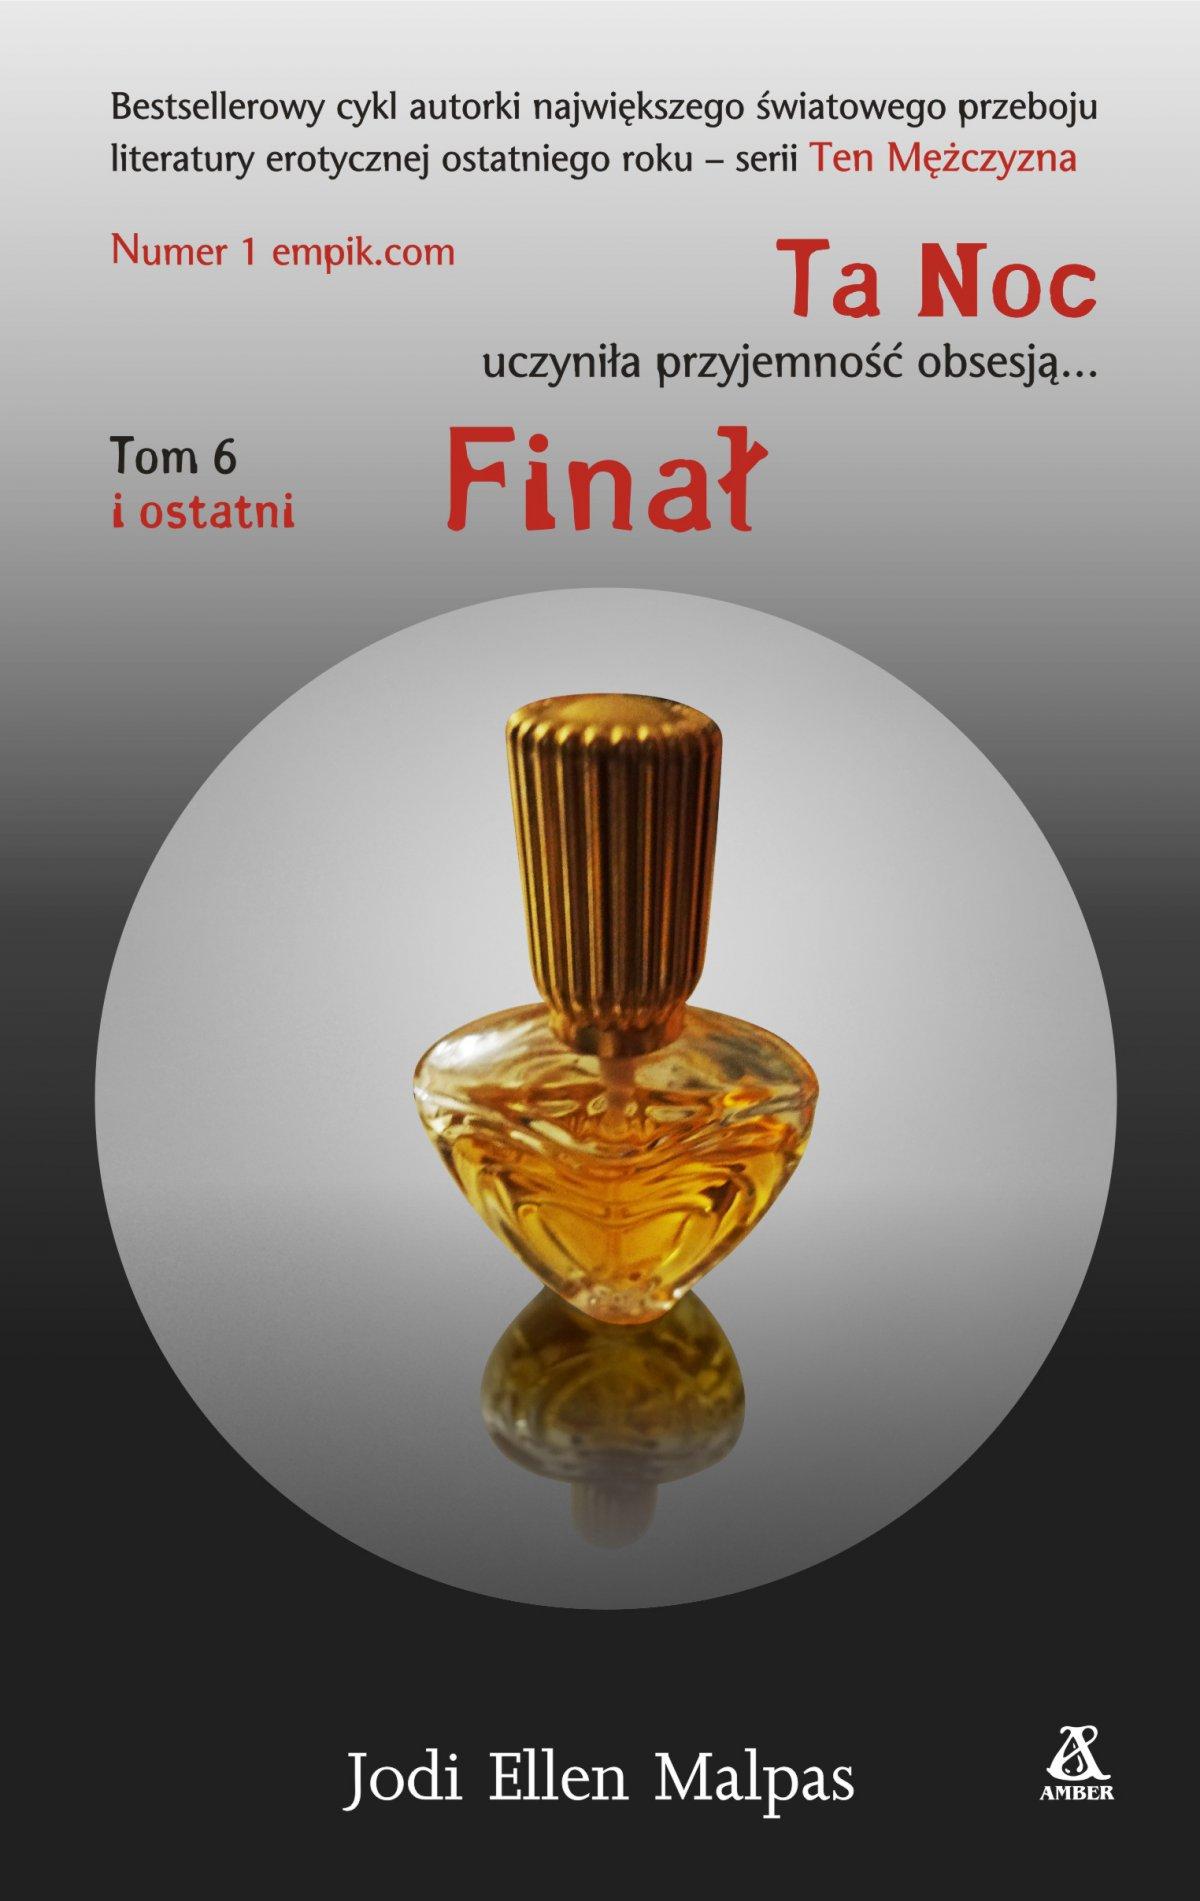 Ta Noc. Tom 6. Finał - Ebook (Książka EPUB) do pobrania w formacie EPUB